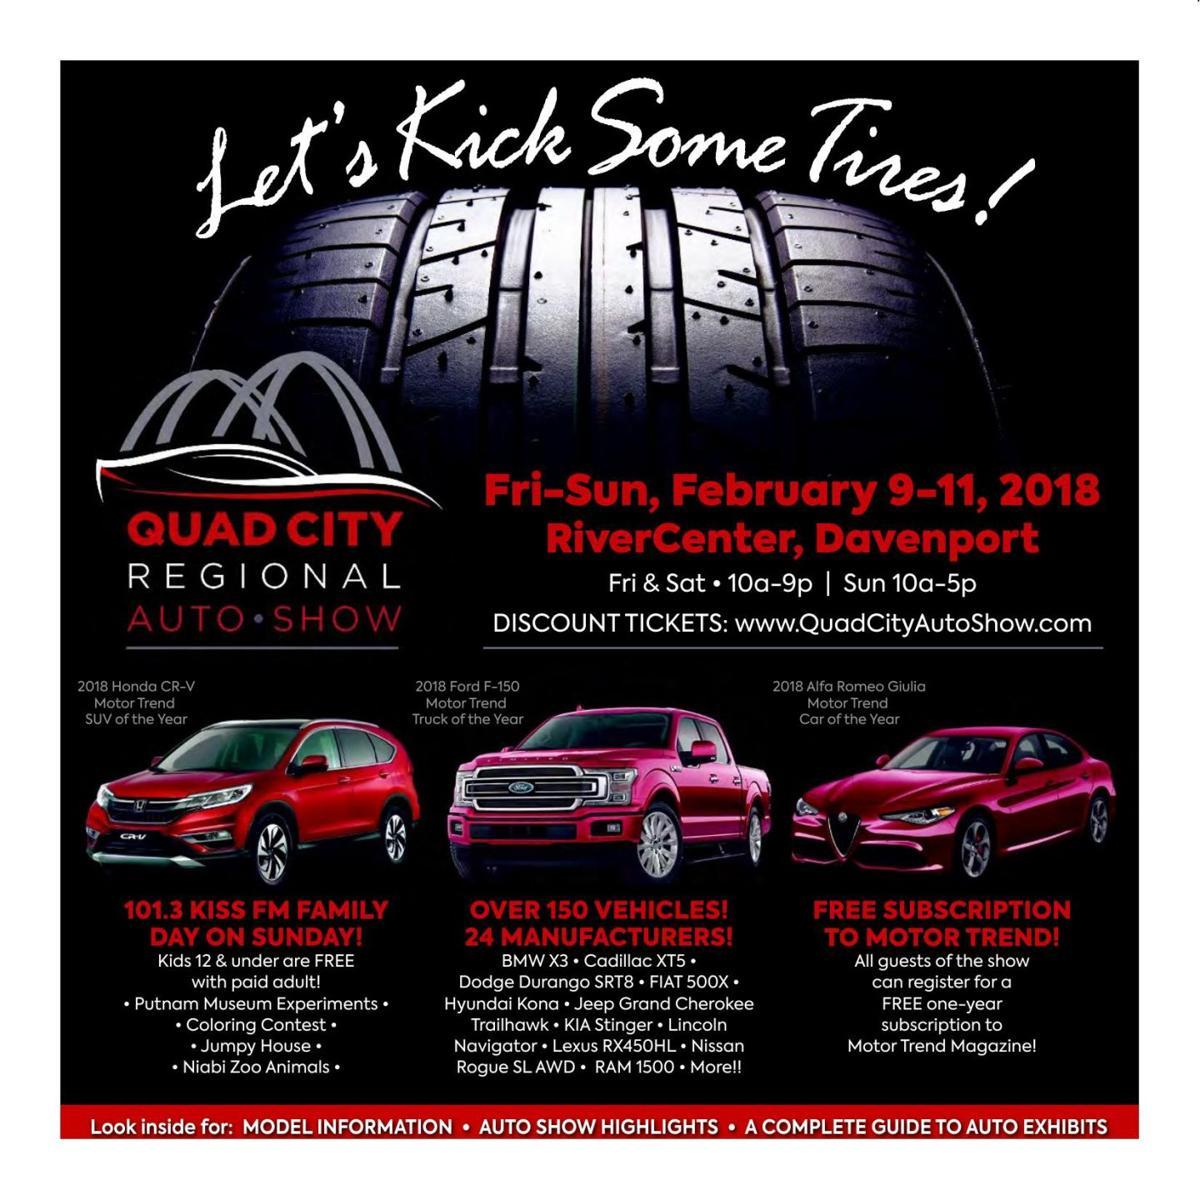 Quad City Regional Auto Show 2018